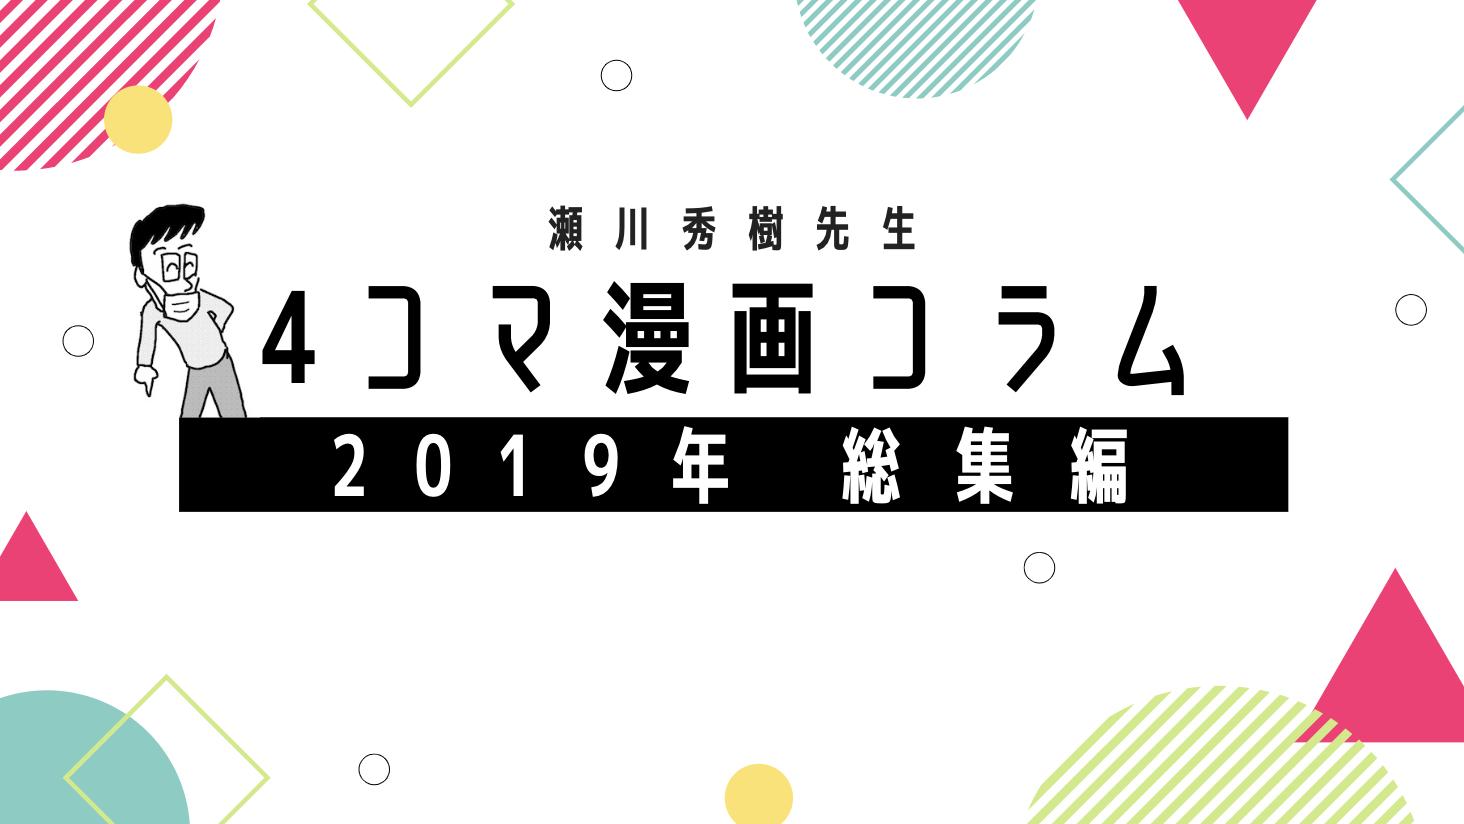 2019年のトレンドワードと共に振り返る!瀬川秀樹先生の4コマ漫画コラム<総集編>